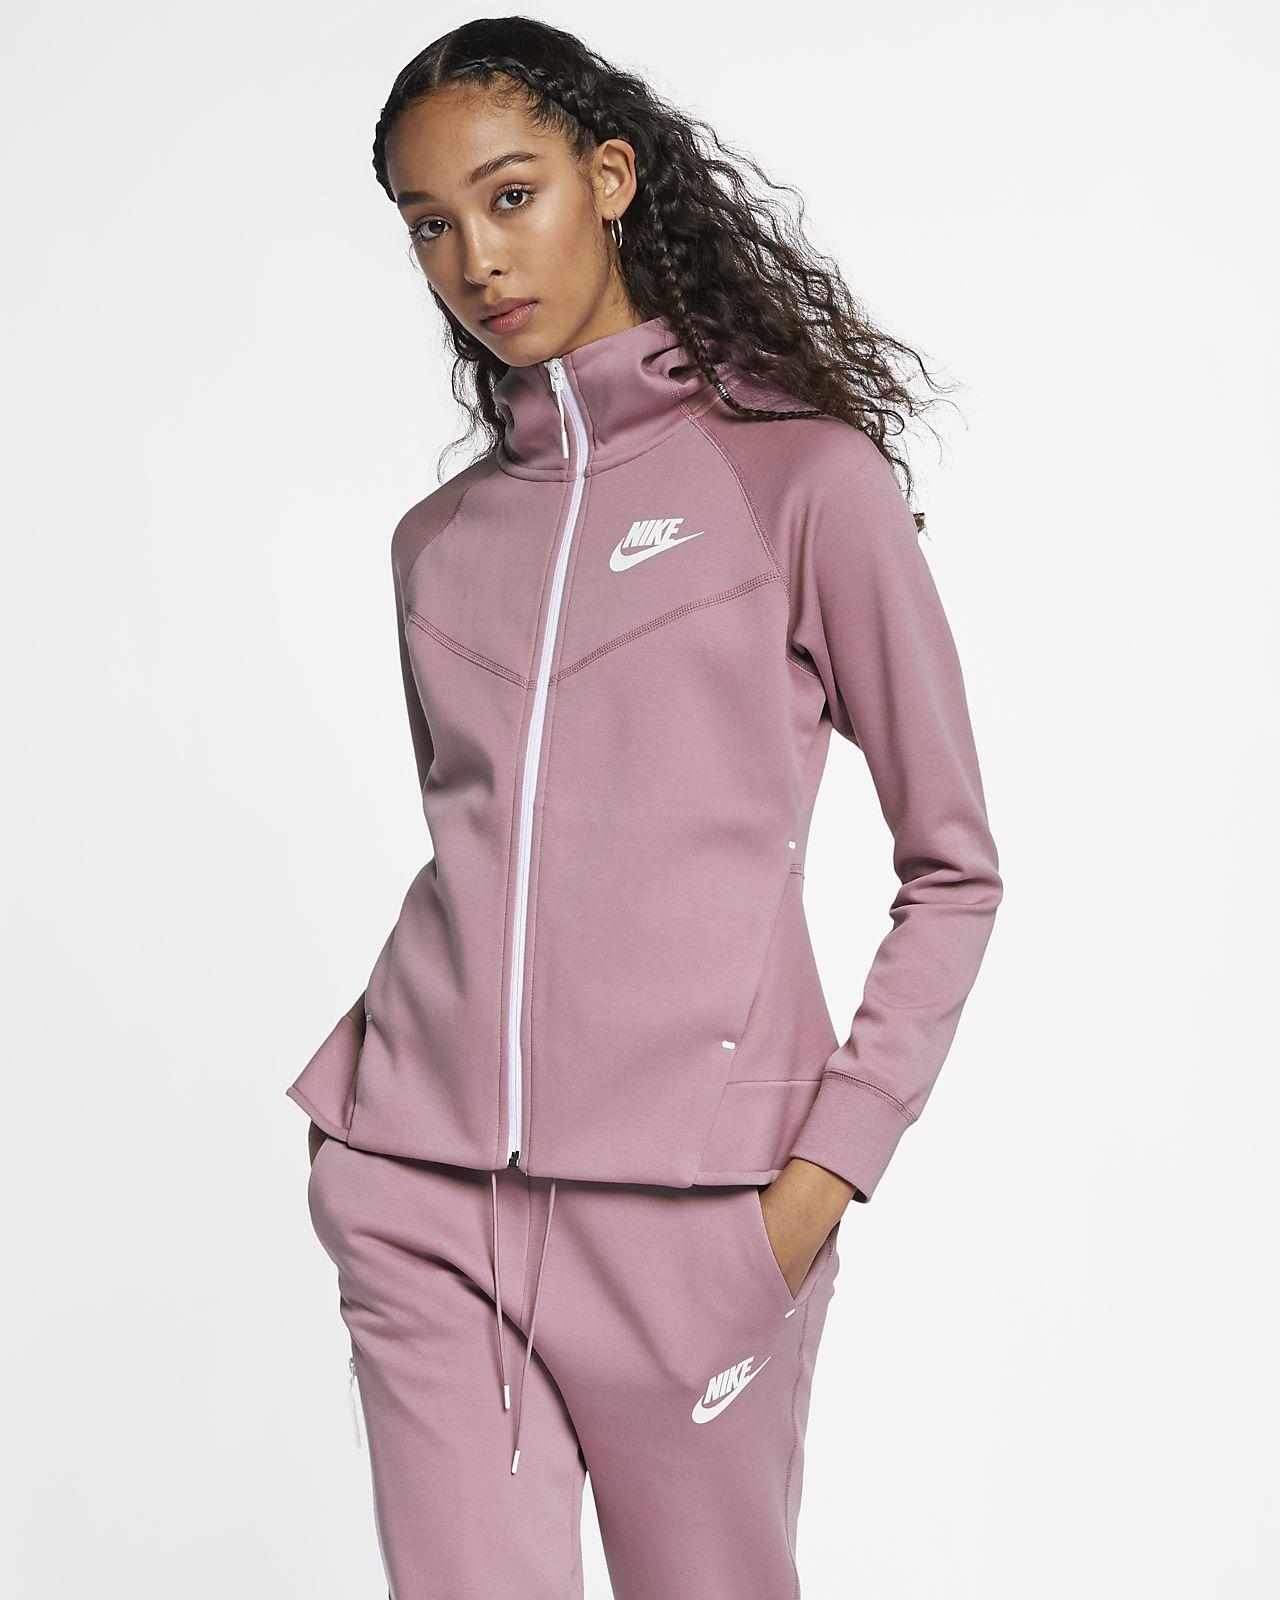 980804f5dc1a Nike Sportswear Tech Fleece Windrunner Women s Full-Zip Hoodie. Nike ...